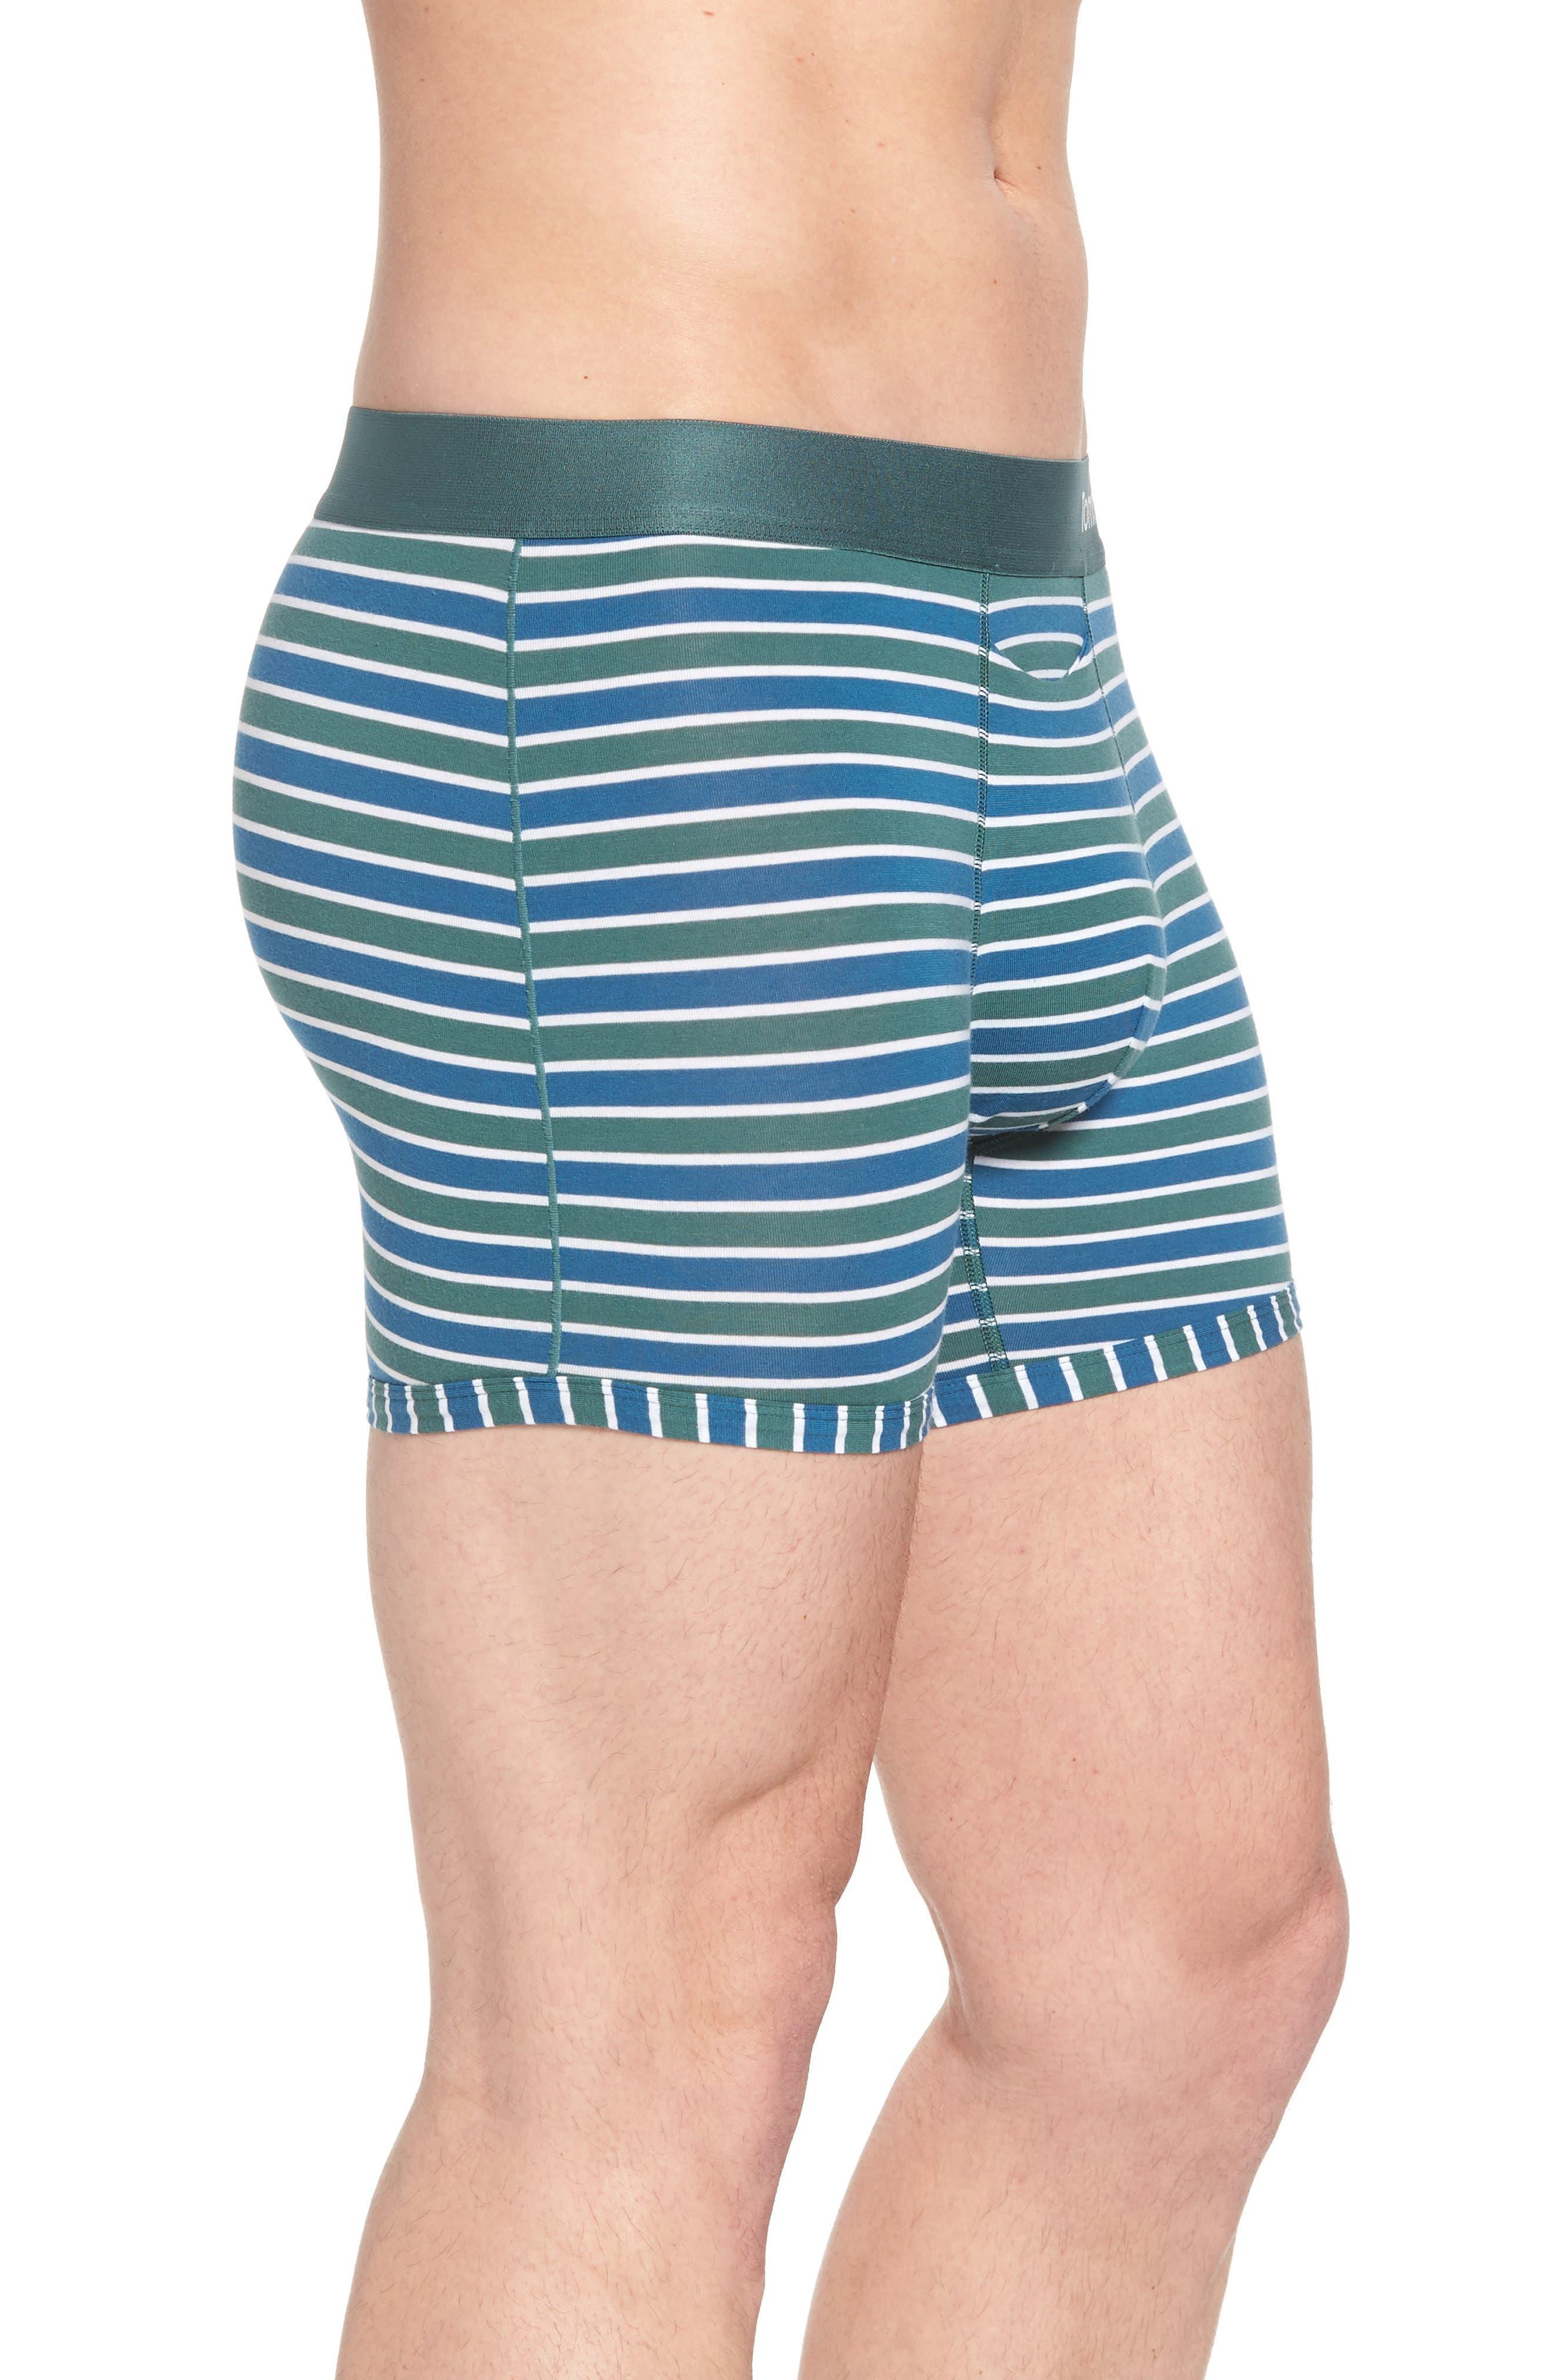 Team Stripe Trunks,                             Alternate thumbnail 3, color,                             Agave/ White/ Deep Blue